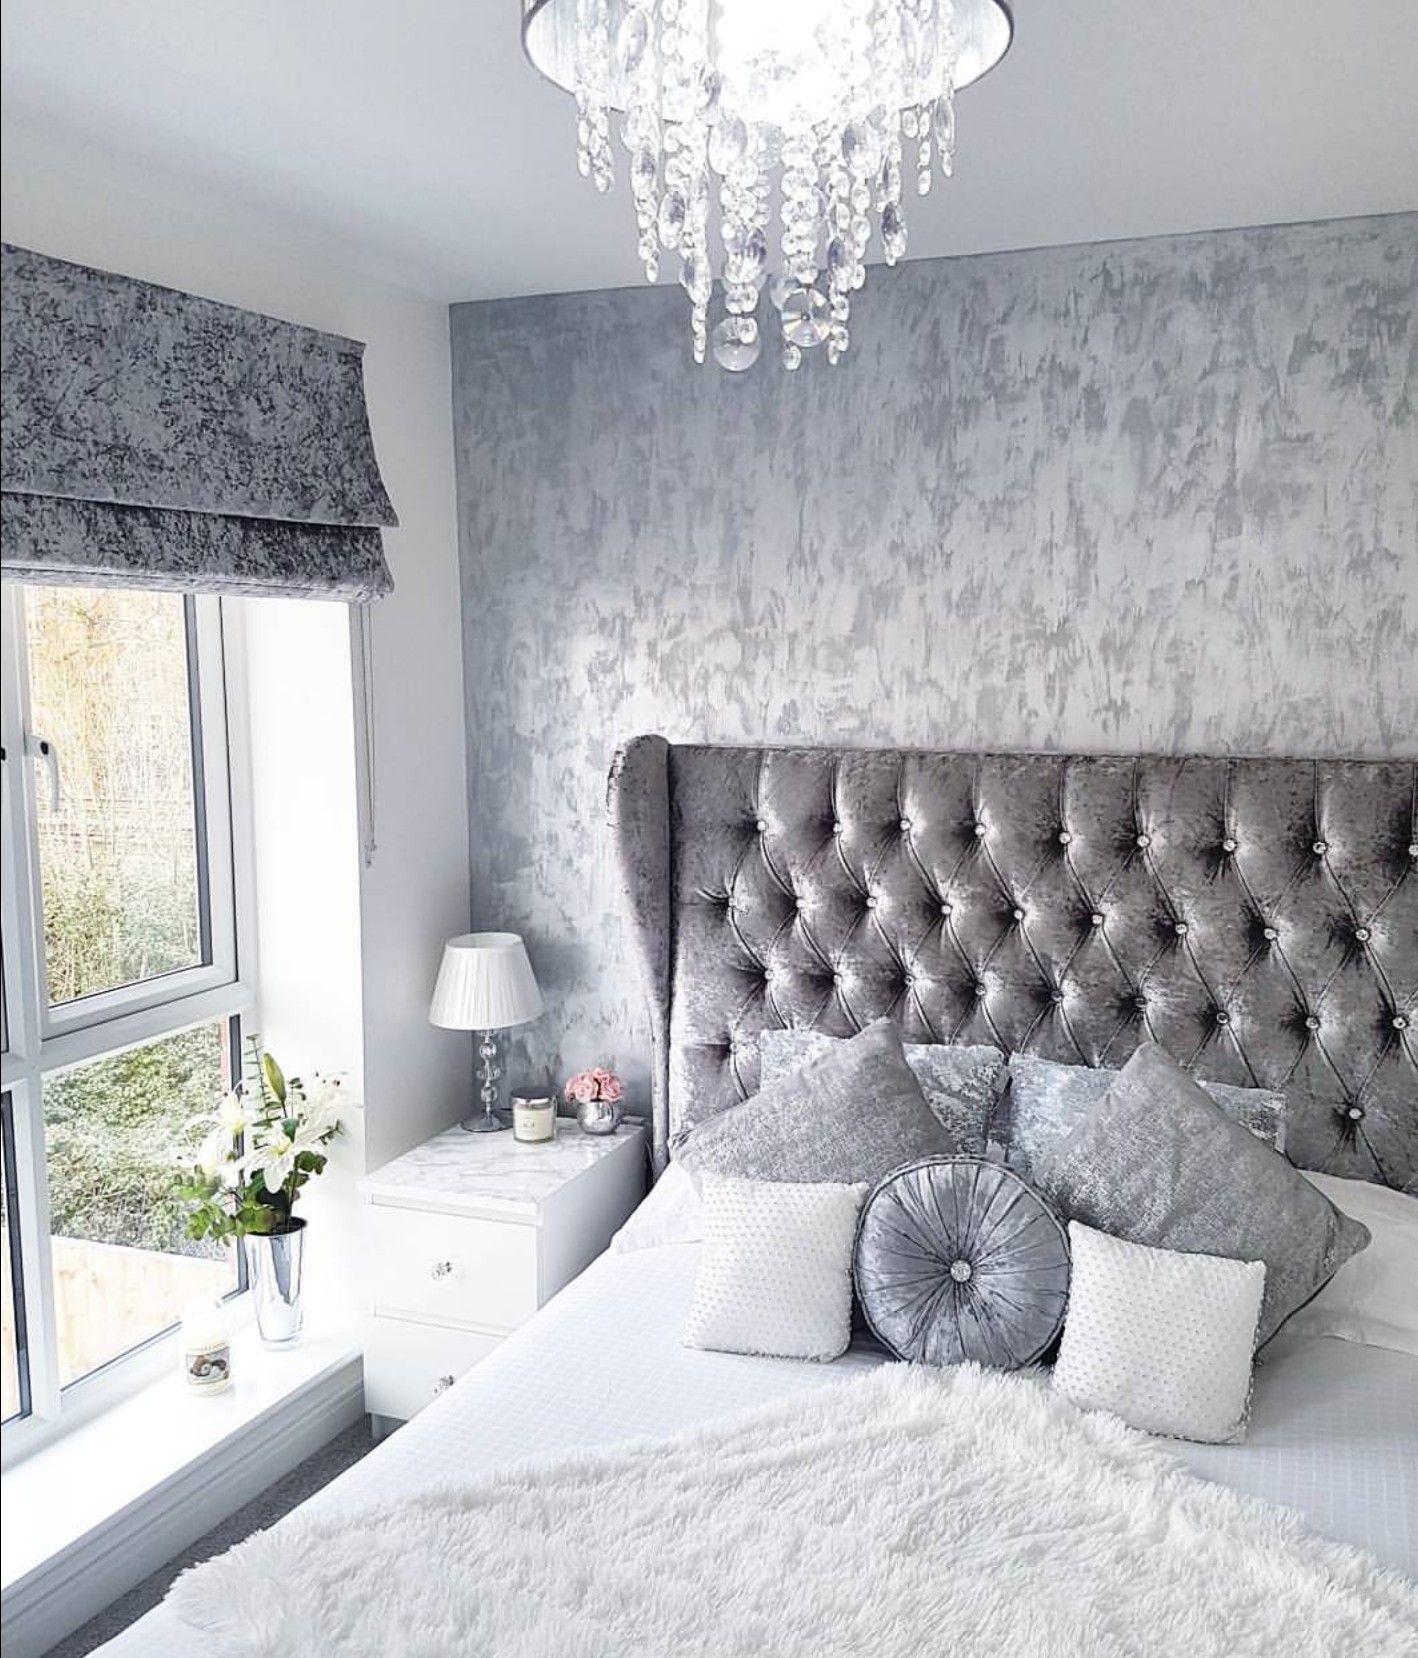 Grey Silver White Crushed Velvet Bedroom Modern Decor Inspo